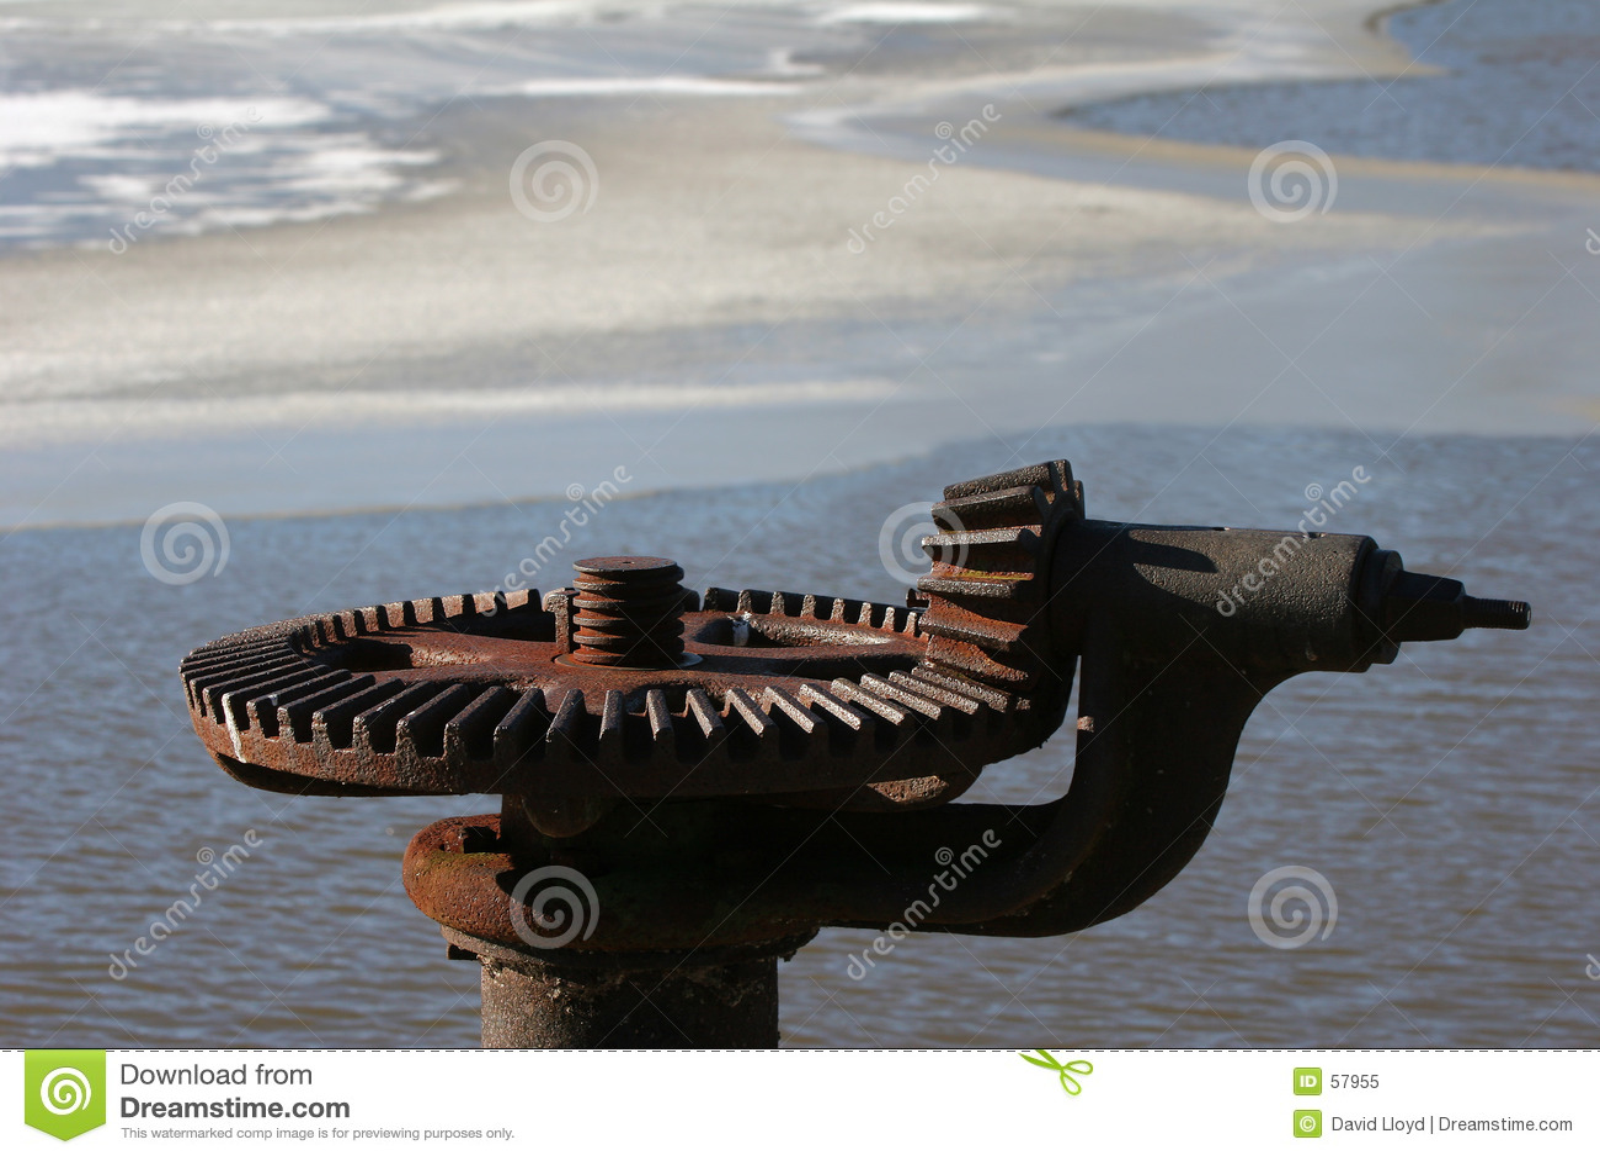 Download Roue dentée image stock. Image du congelé, carnegie, glace - 57955